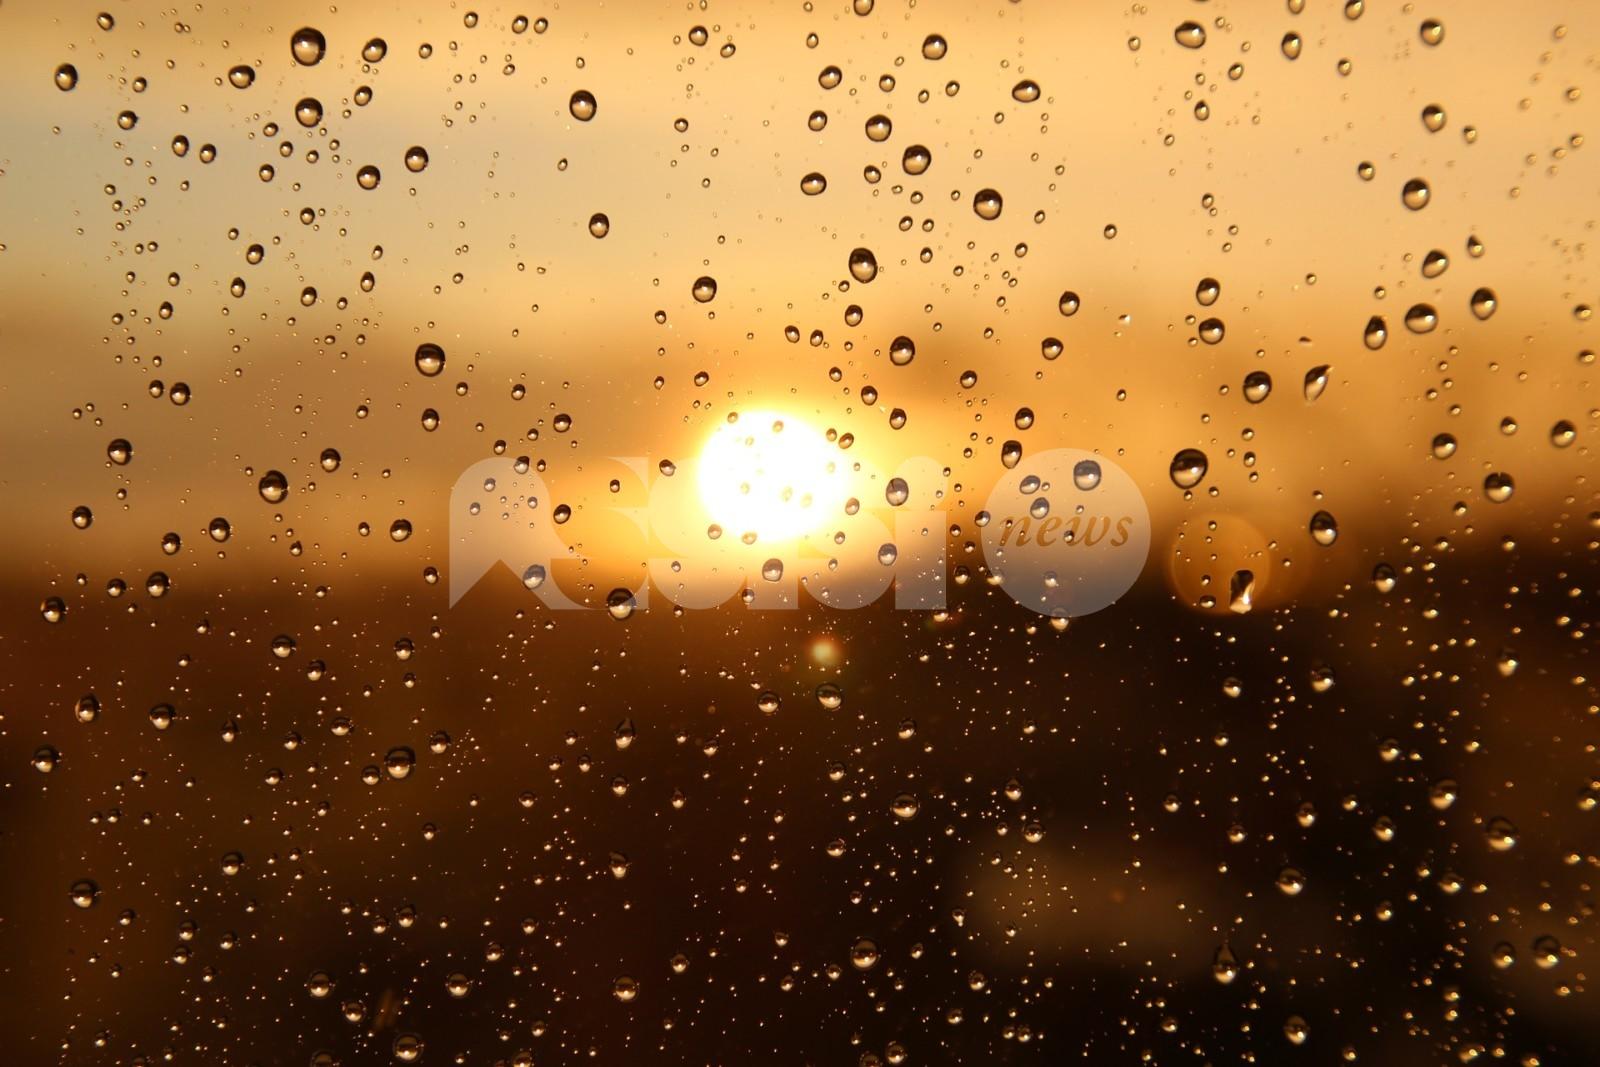 Meteo Assisi 29 novembre - 1 dicembre 2019, mix di pioggia e sole